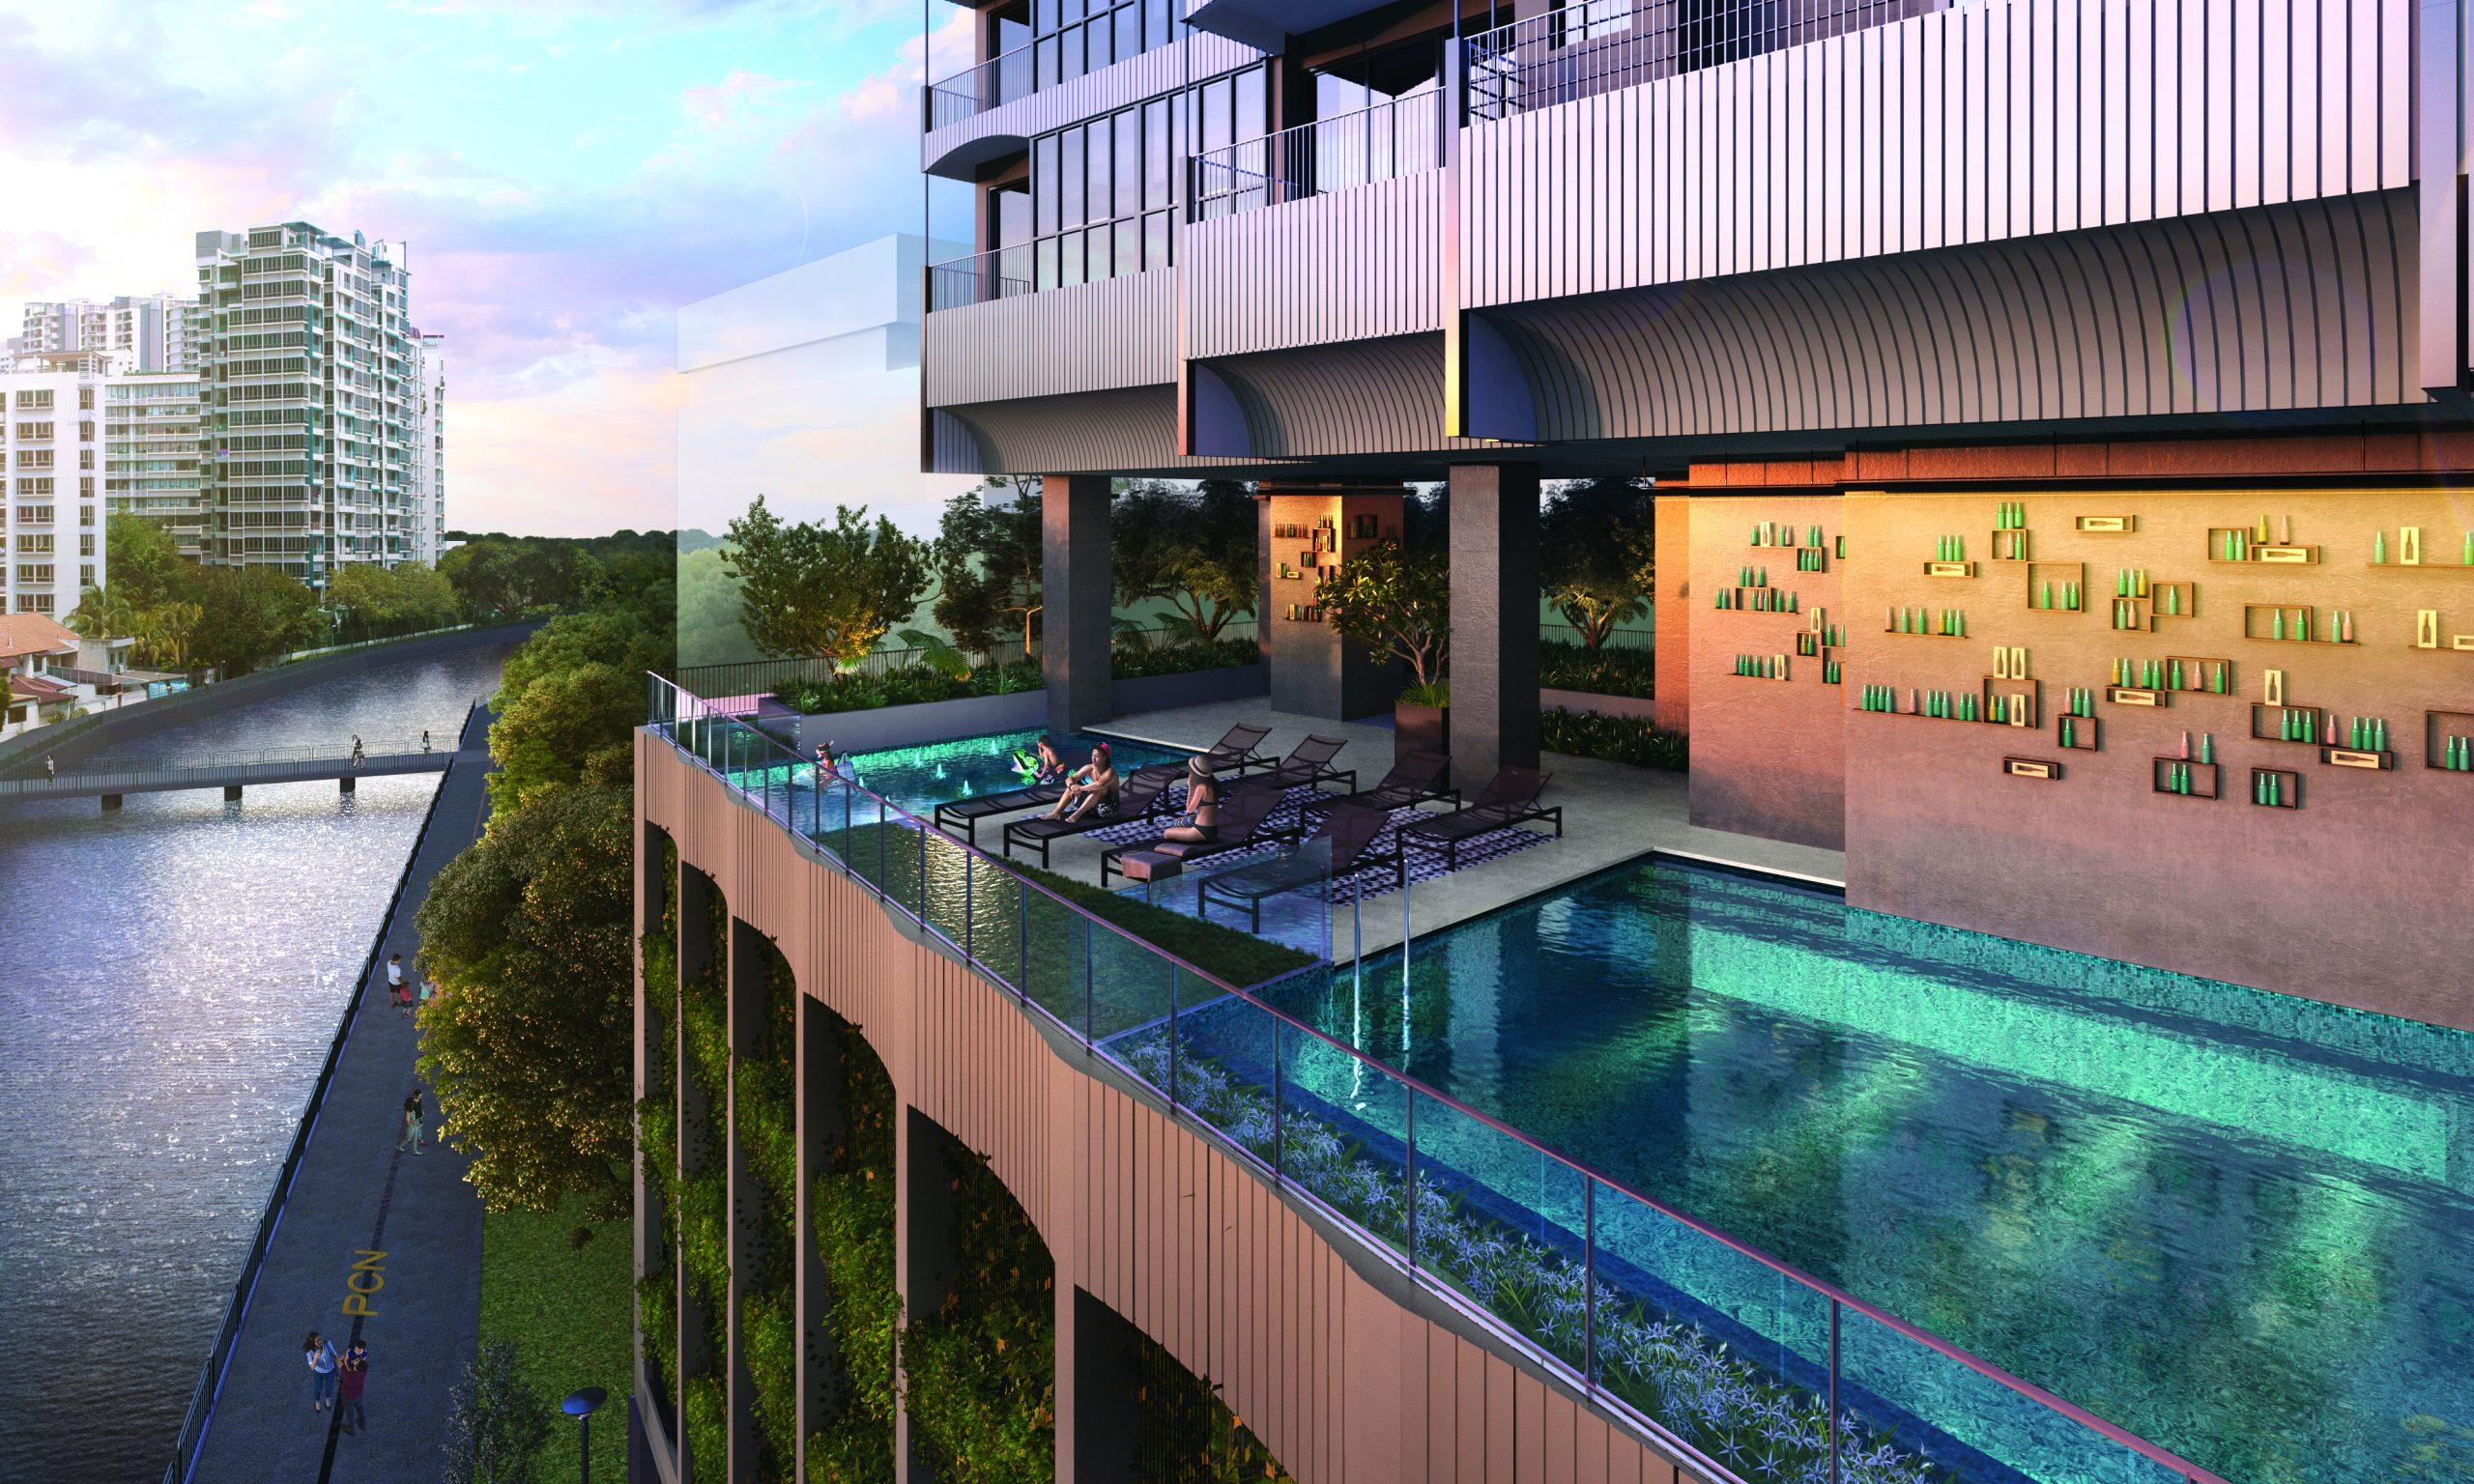 Pool Landscape View